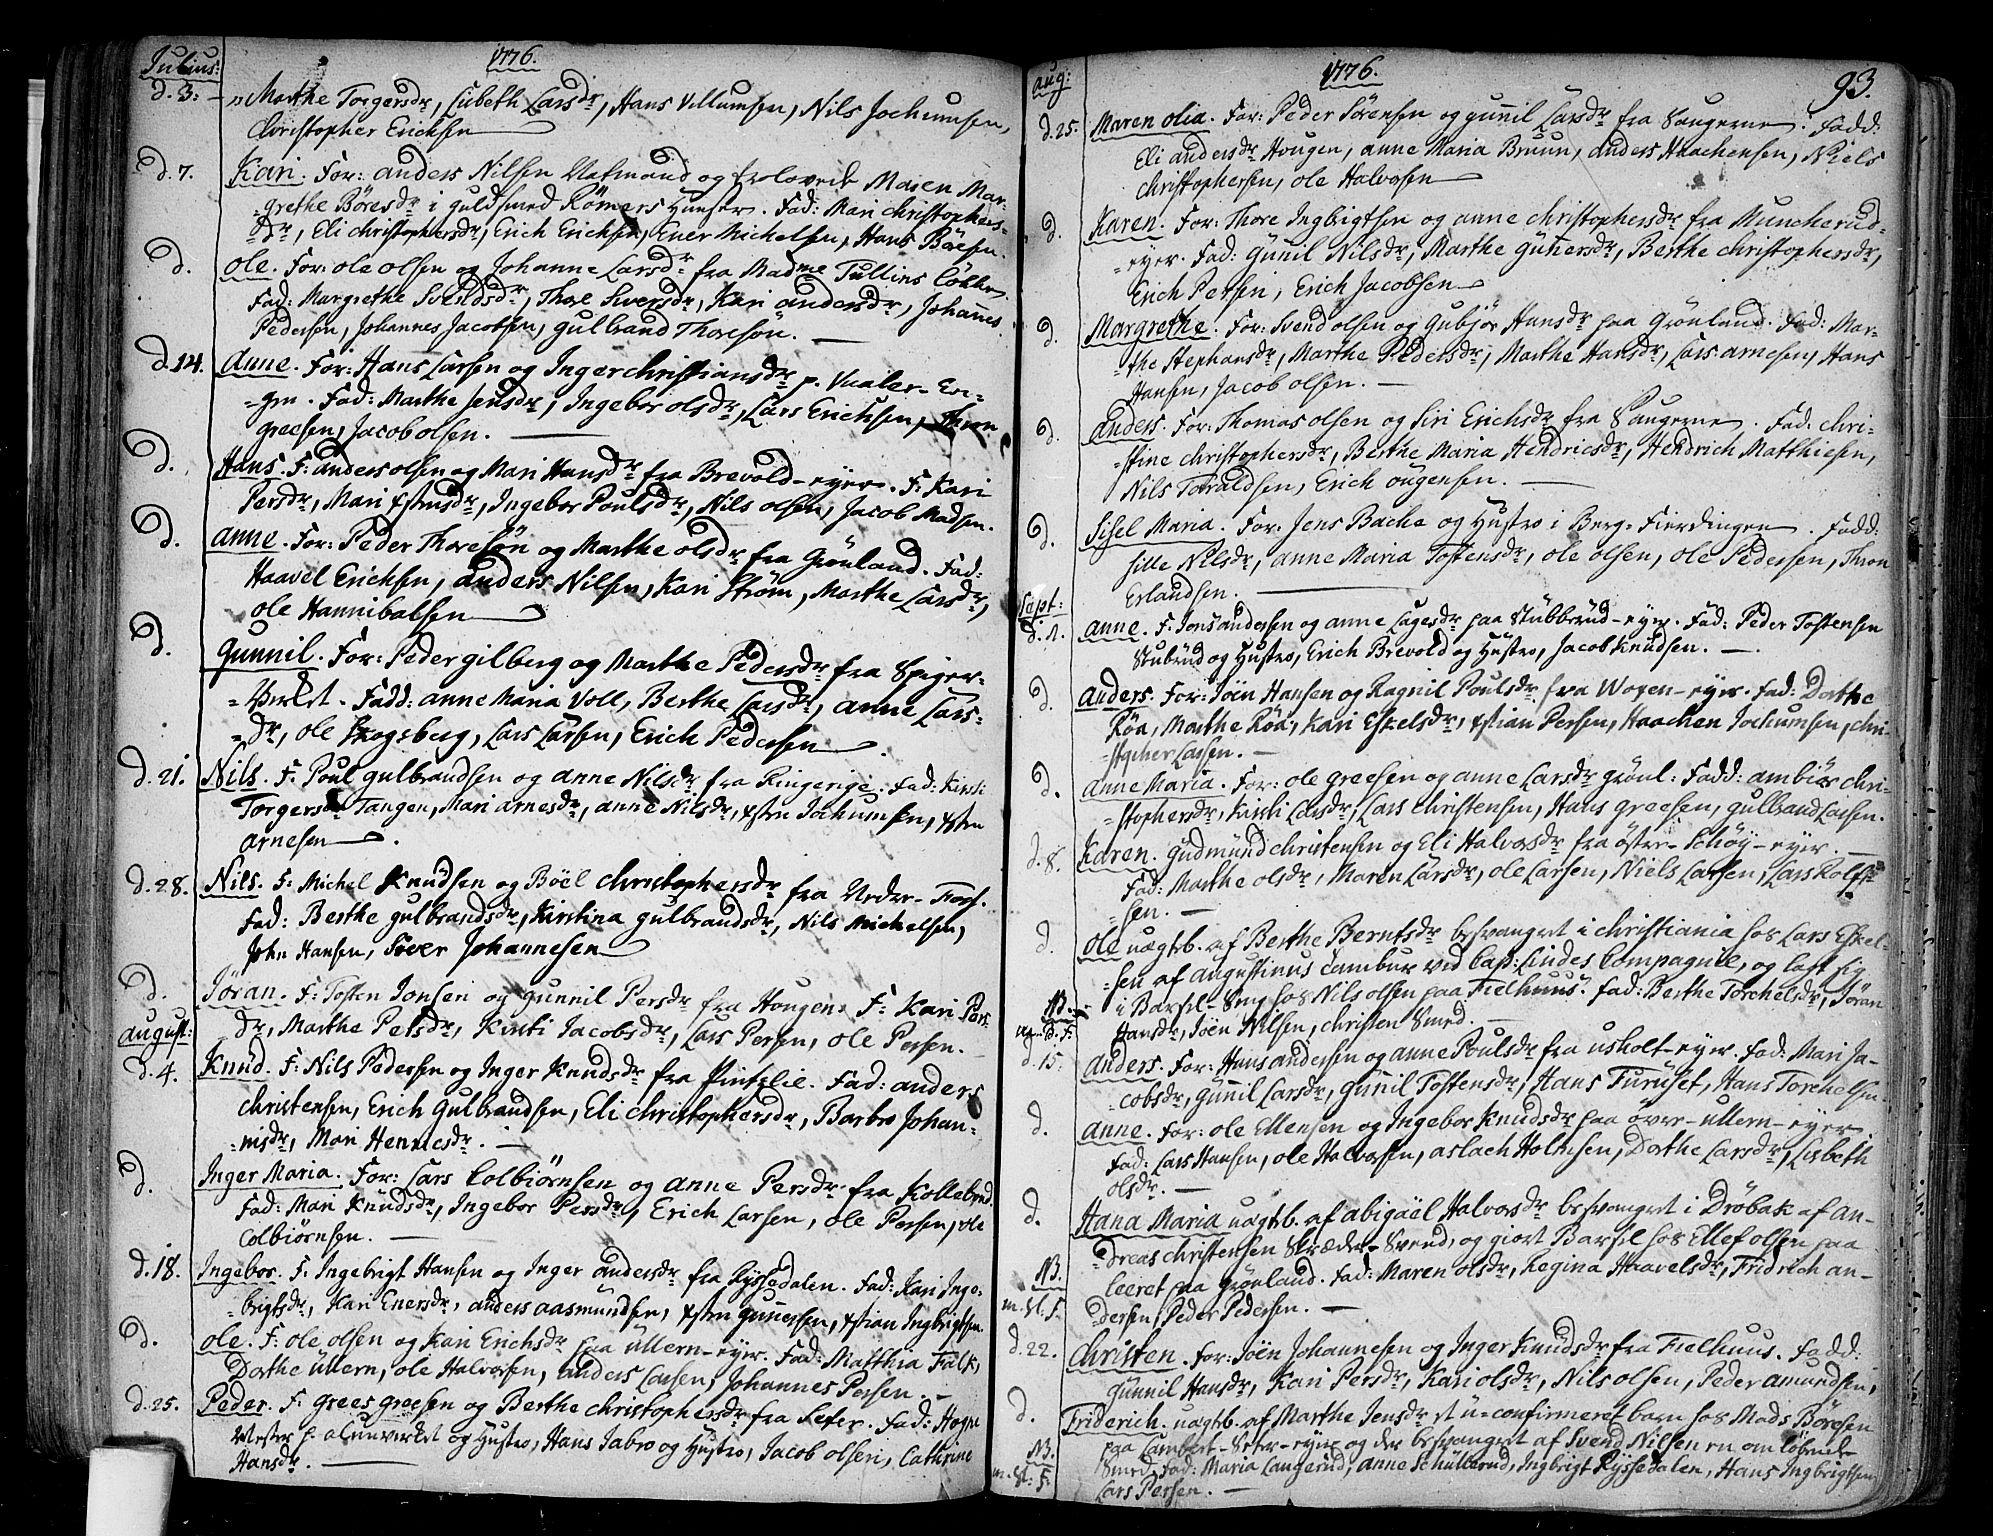 SAO, Aker prestekontor kirkebøker, F/L0009: Ministerialbok nr. 9, 1765-1785, s. 93